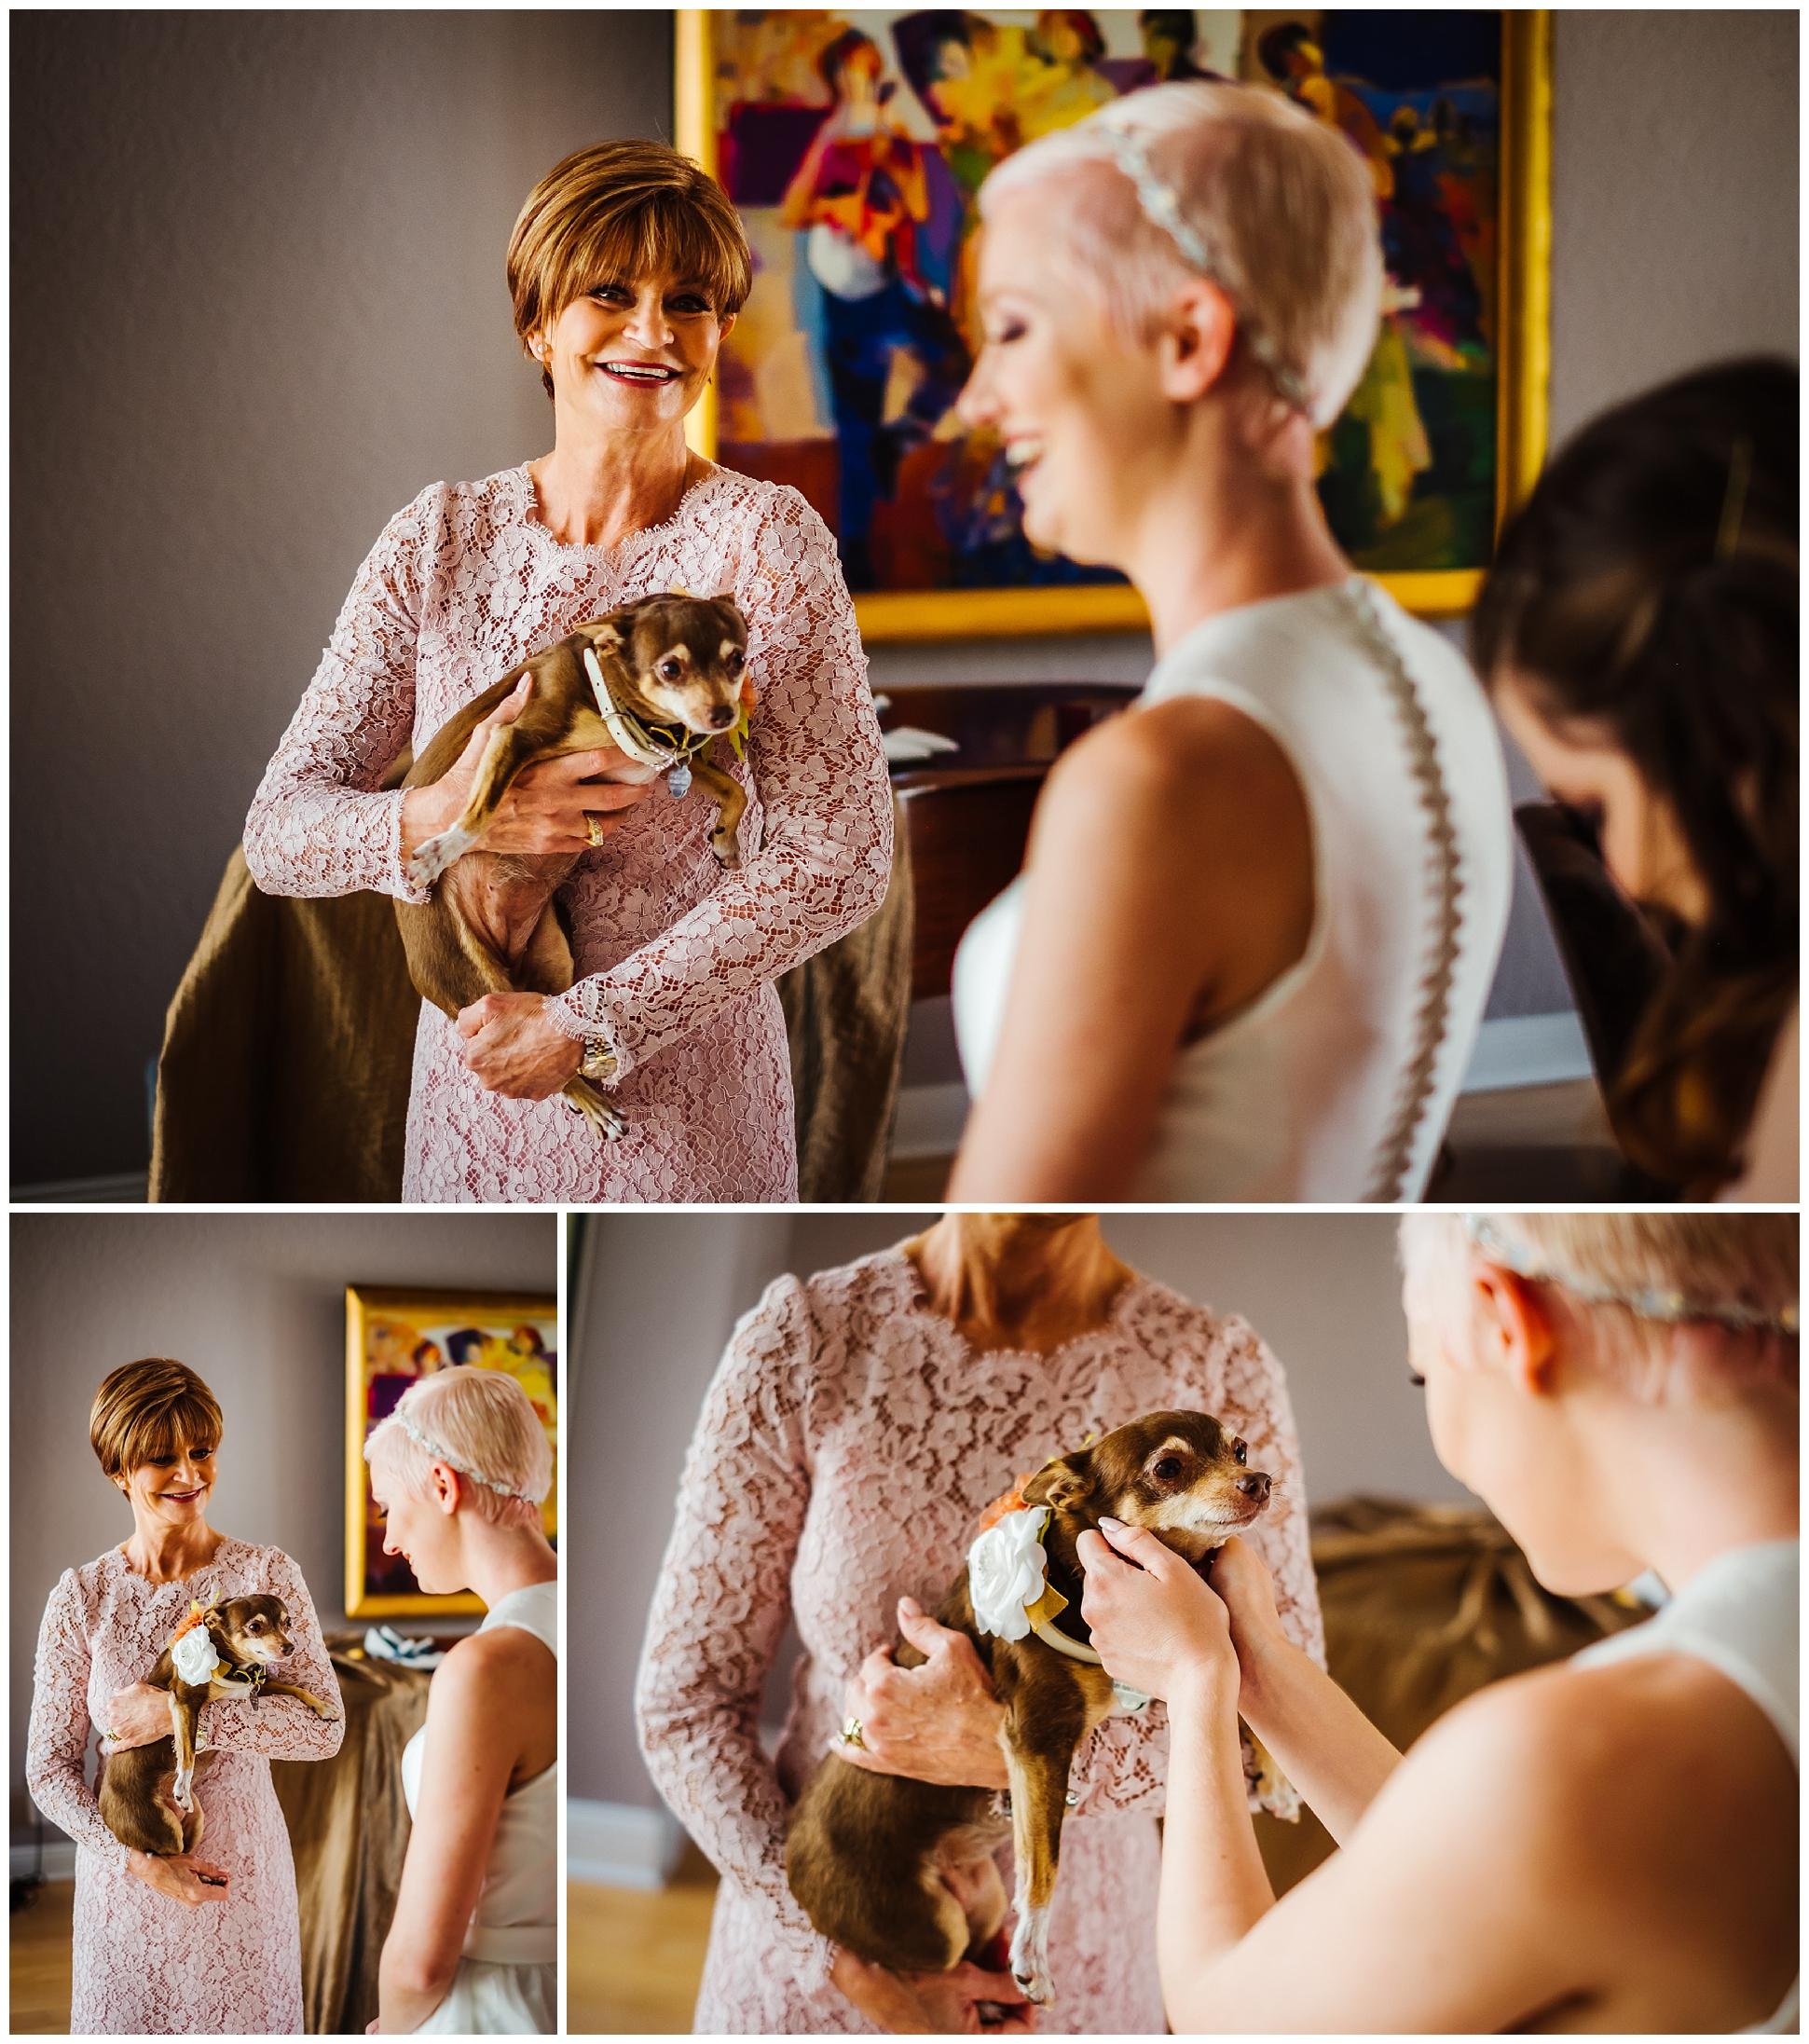 tierra-verde-st-pete-florida-home-luxury-wedding-greenery-pink-pixie-bride_0010.jpg